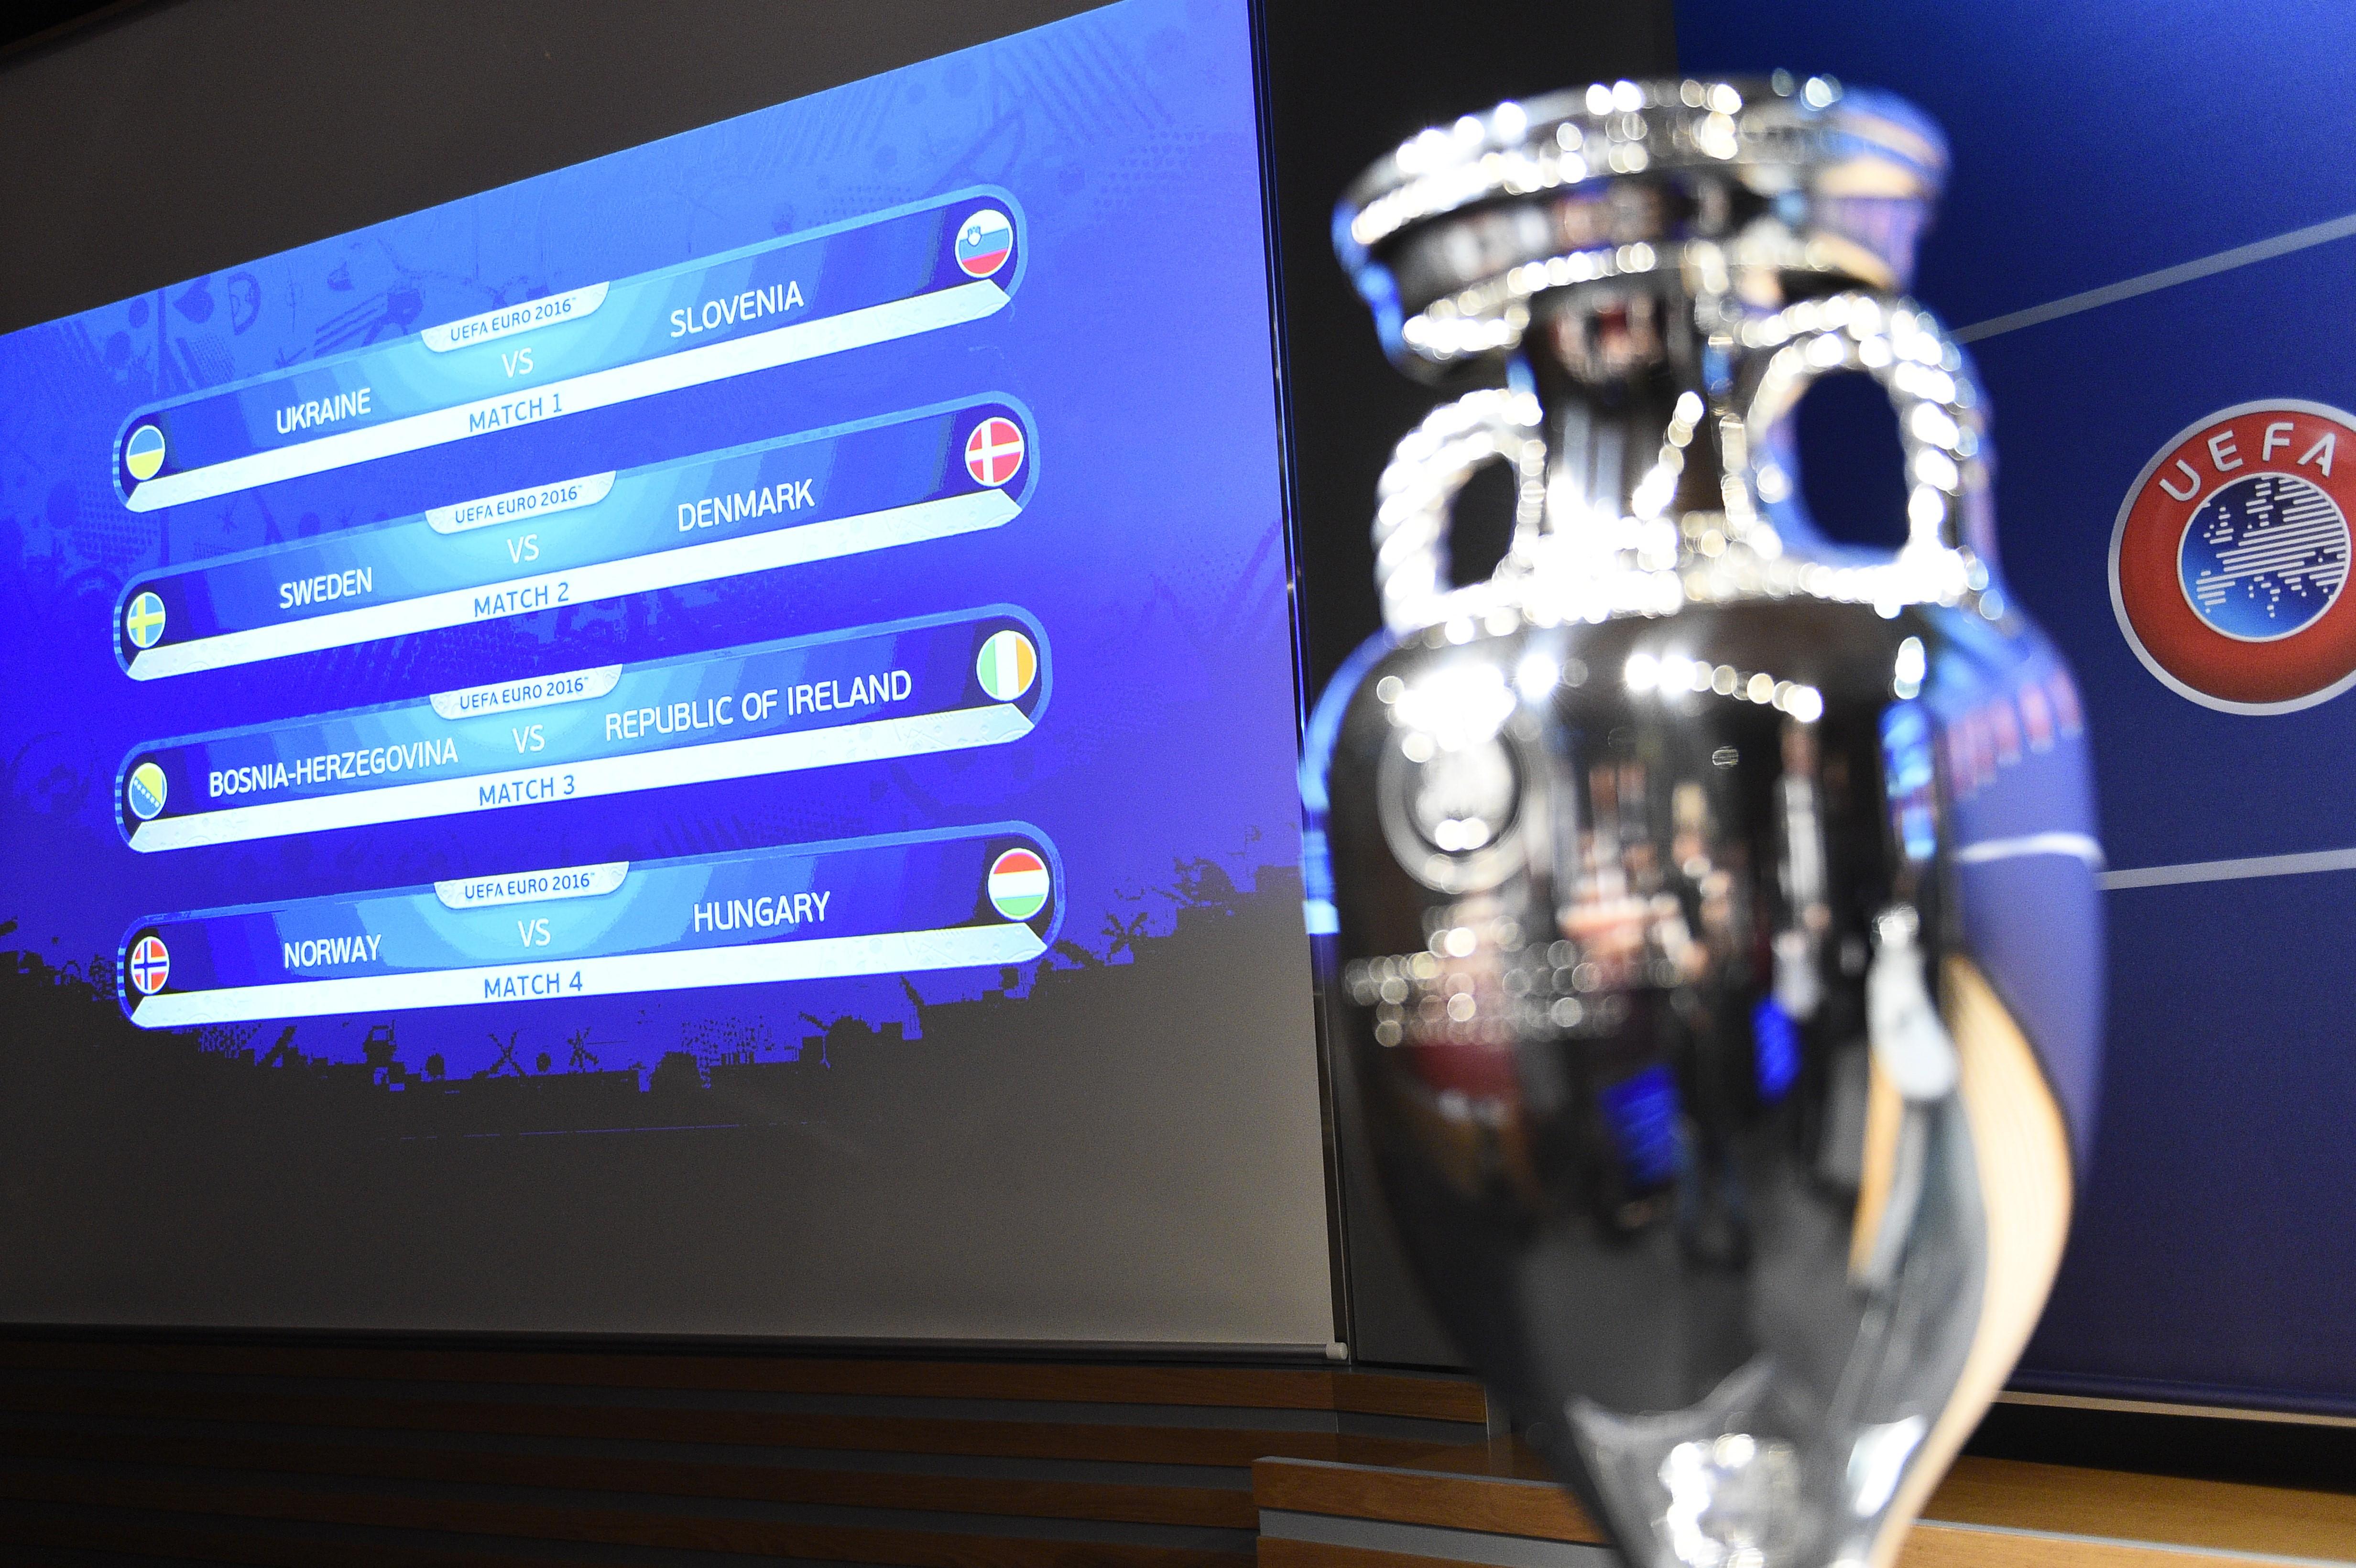 УЕФА оштрафовал Хорватию на 100 тыс. евро заповедение болельщиков